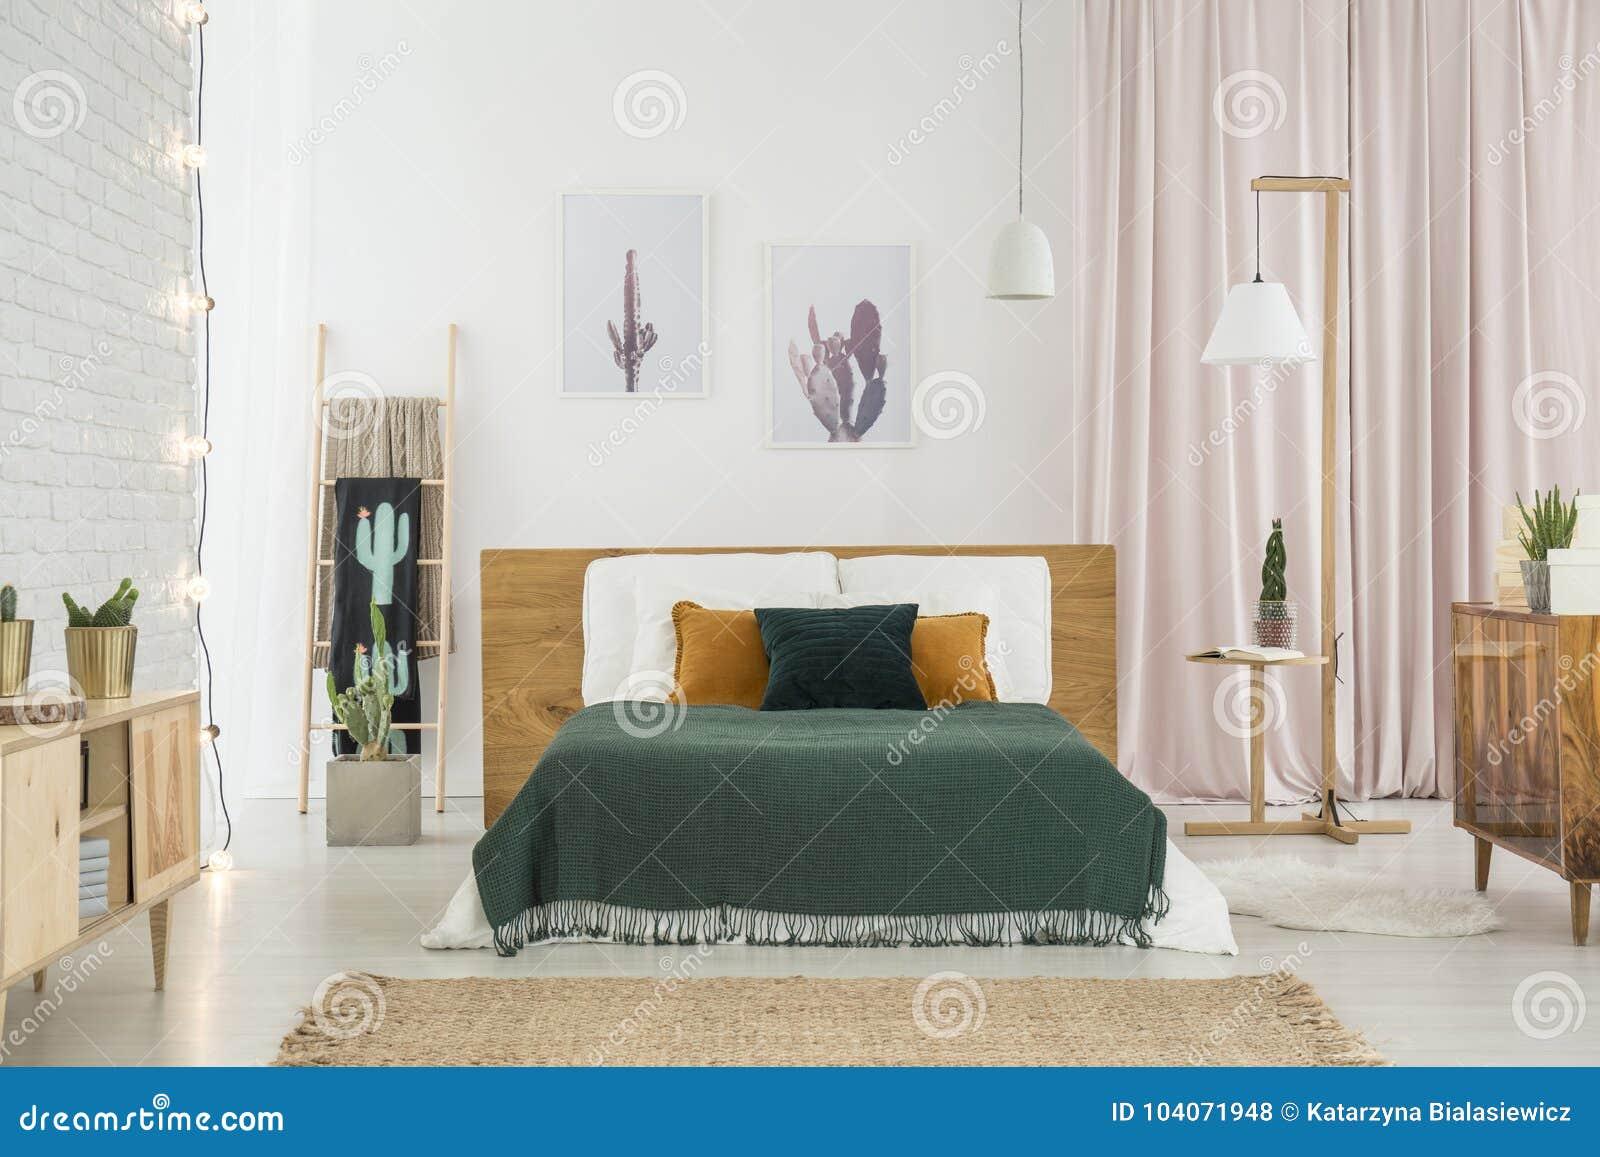 Letto Rustico Legno : Letto rustico beautiful legno trattato evaporato sexi with letto